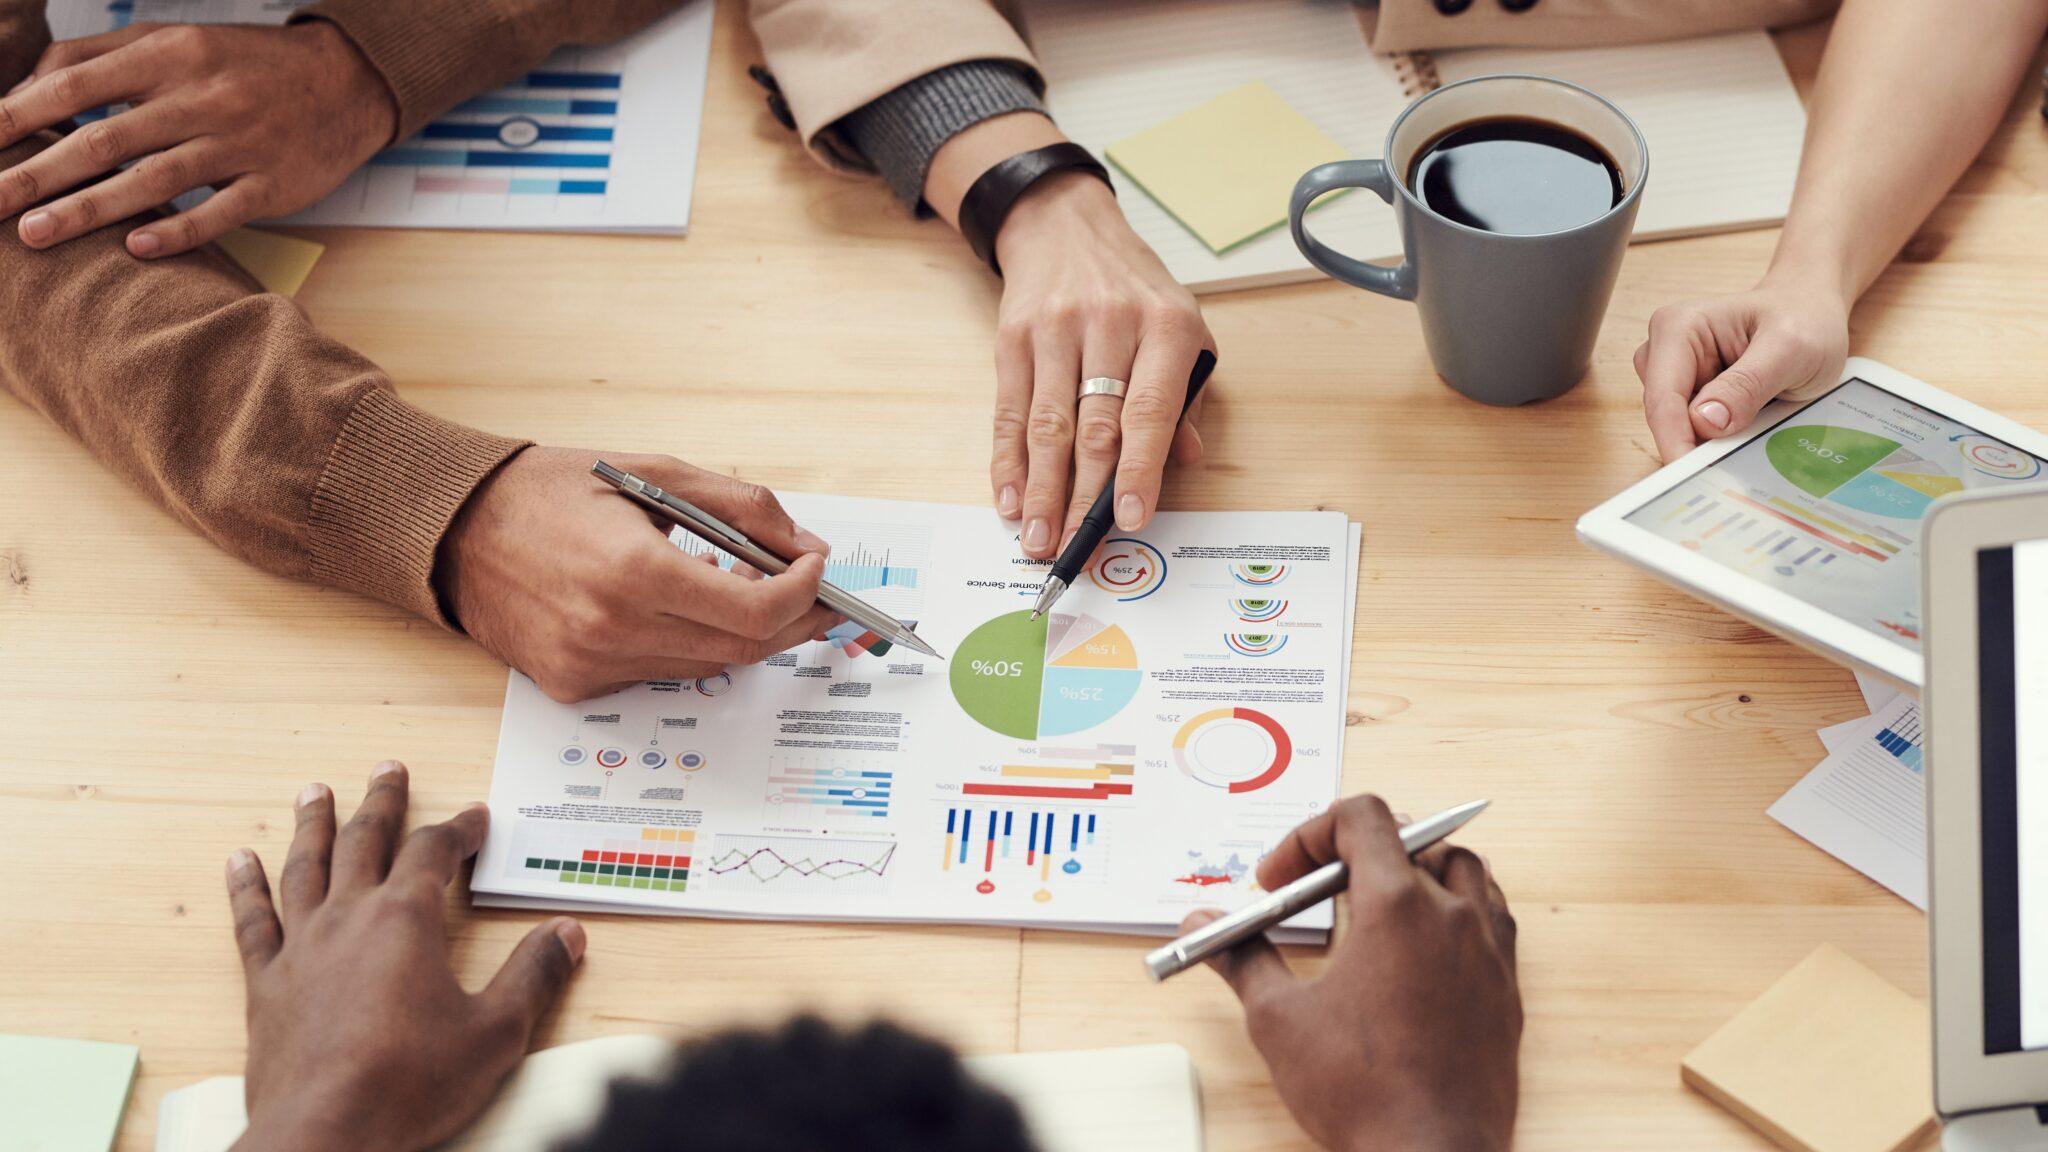 Маркетинговые исследования в Украине и мире: основные тенденции в развитии технологий и инструментария